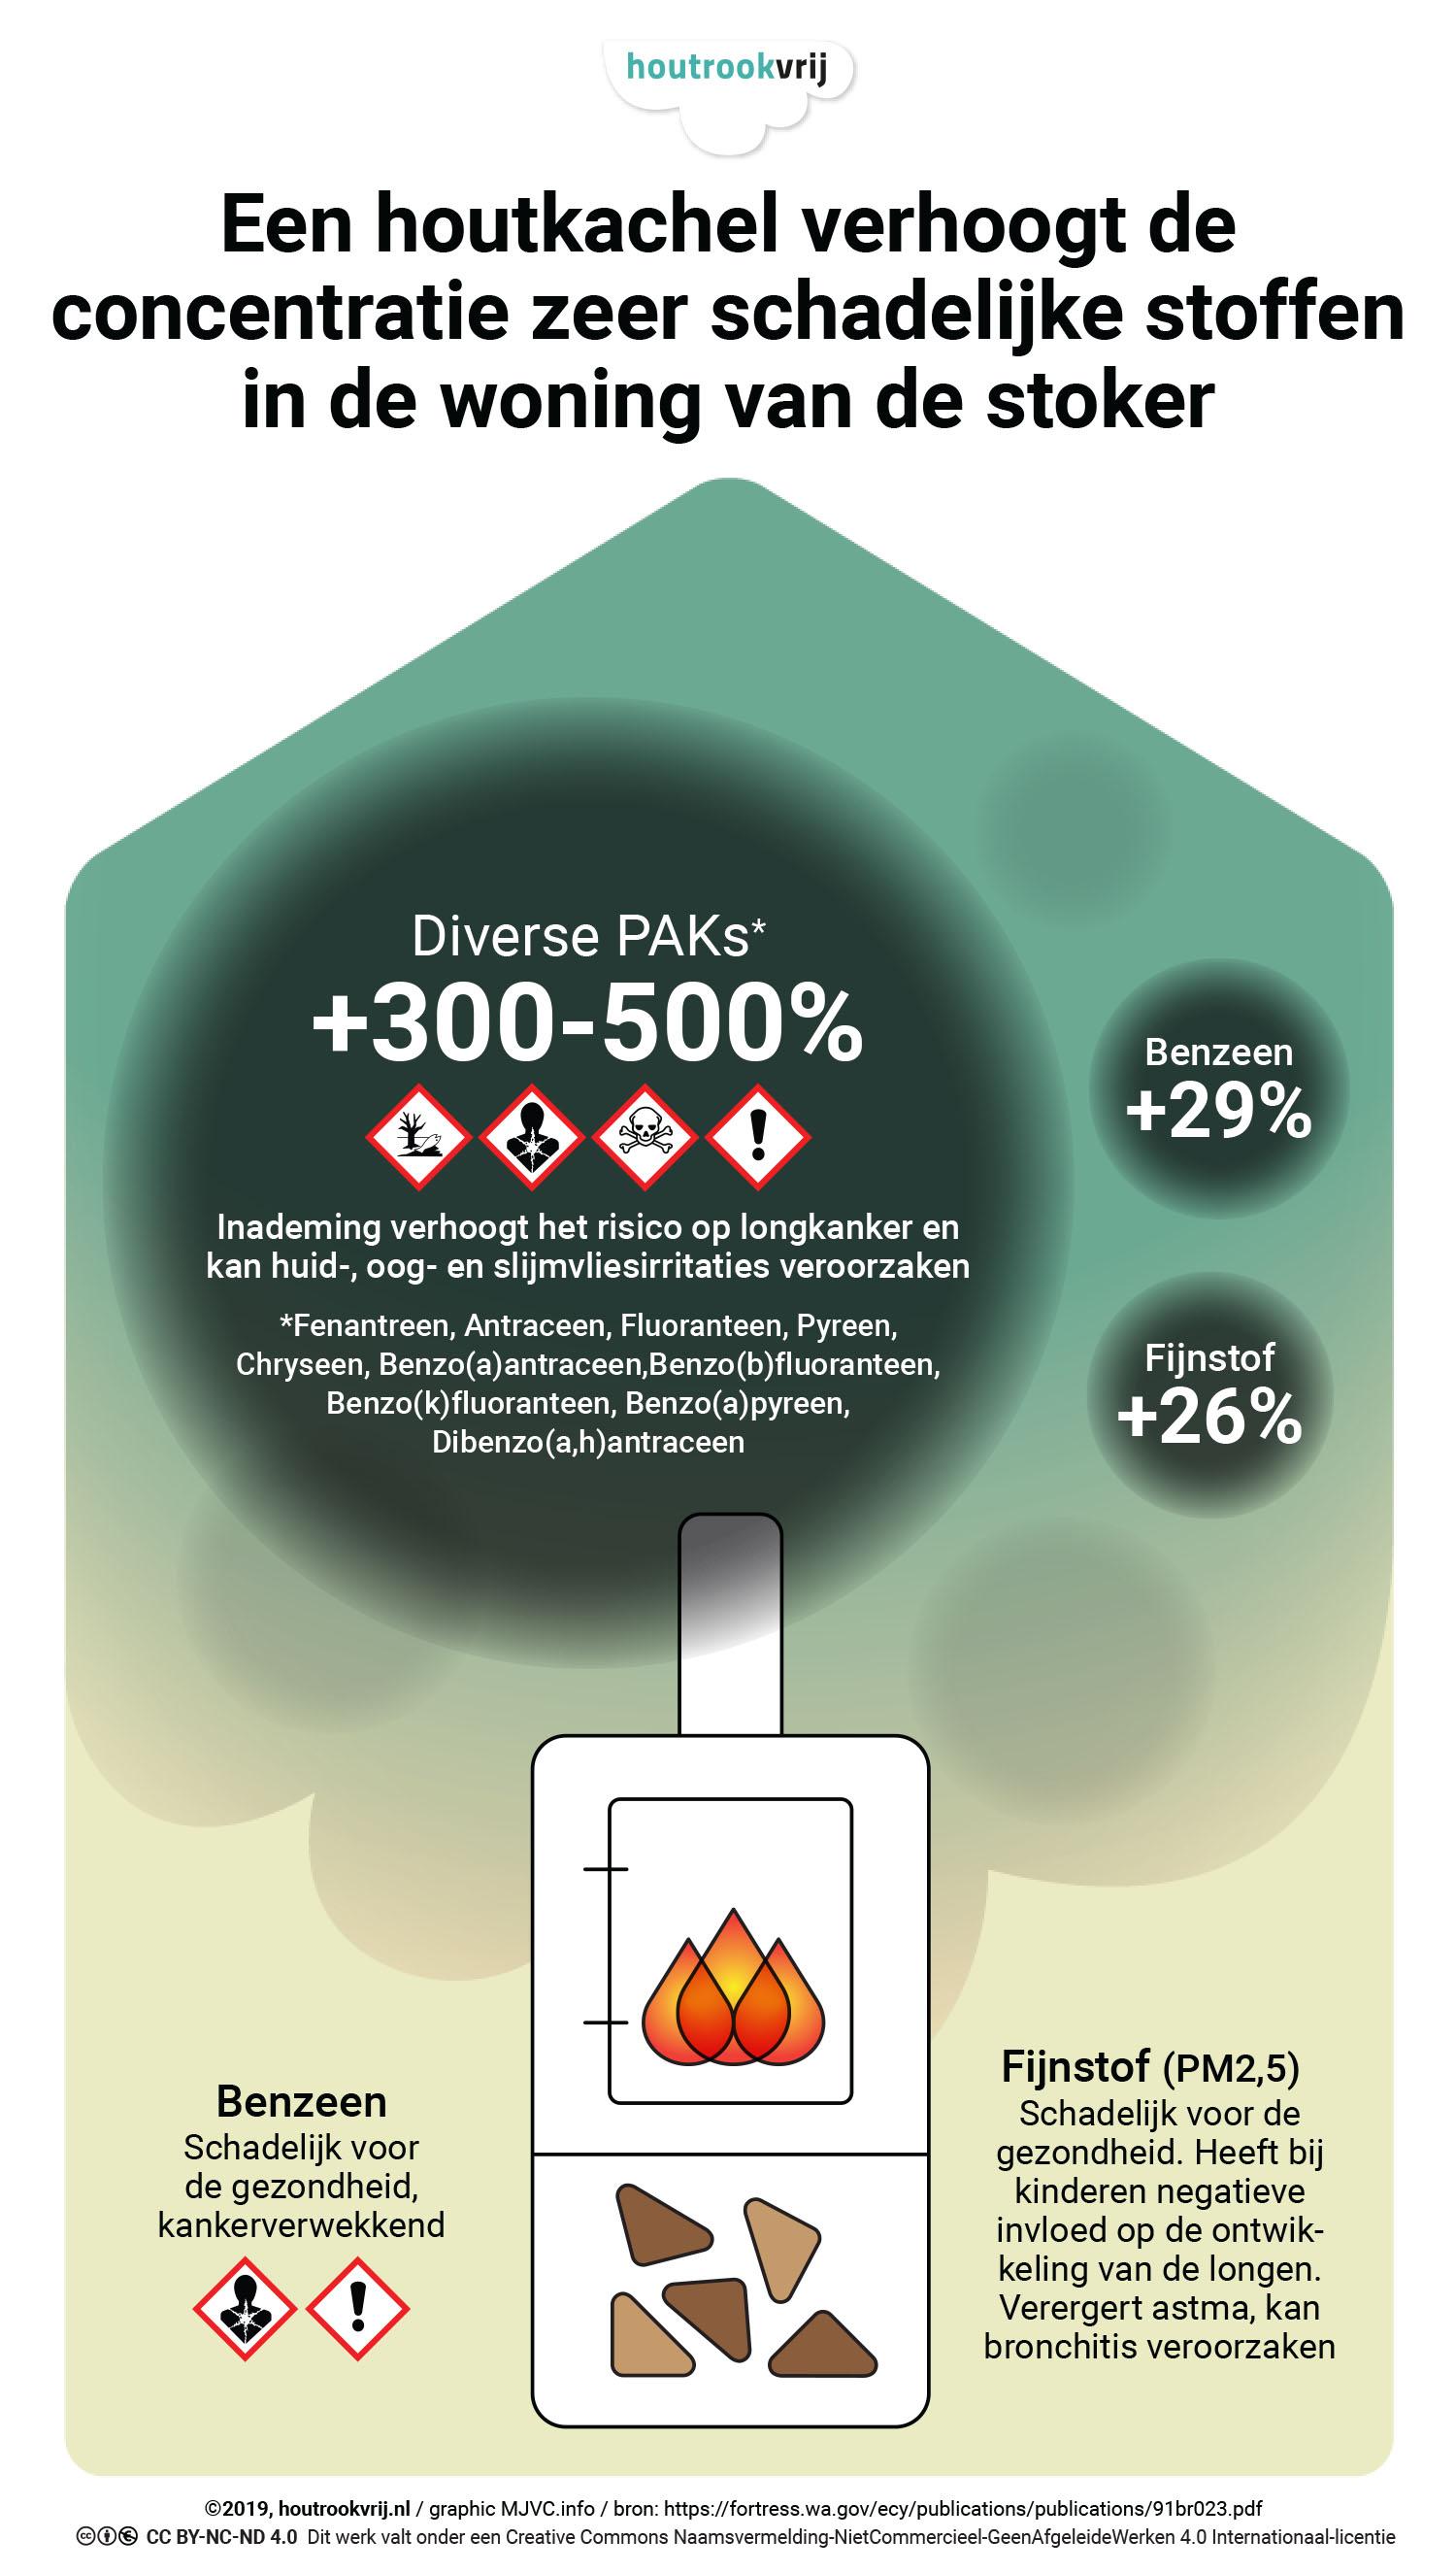 Zelfs bij een gesloten rookafvoer neemt het gehalte aan schadelijke stoffen in huis toe.